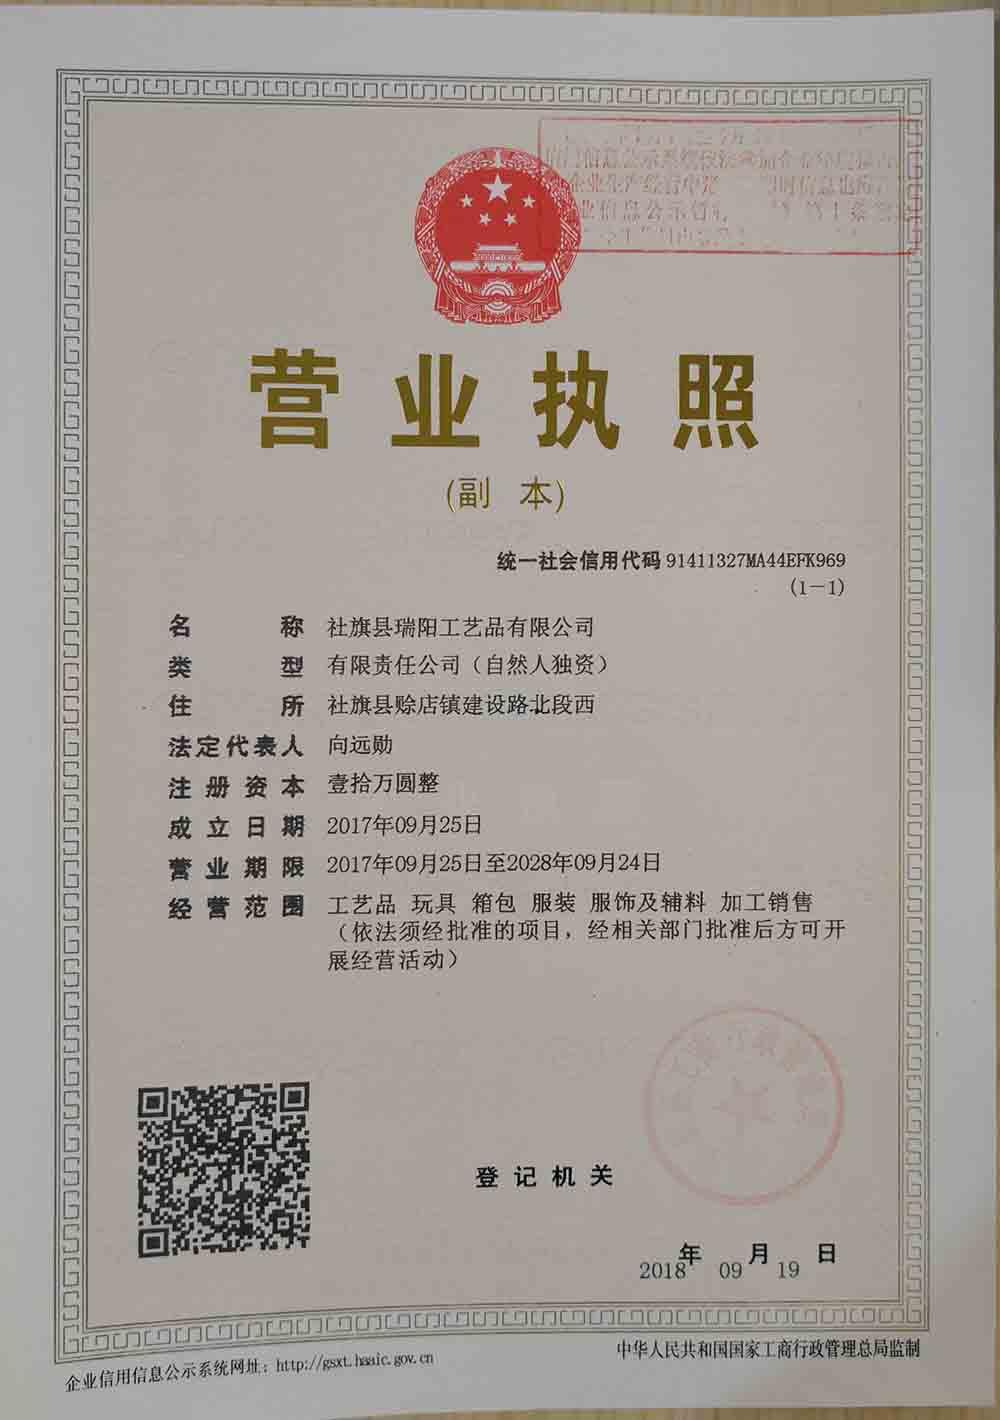 瑞阳工艺品营业执照